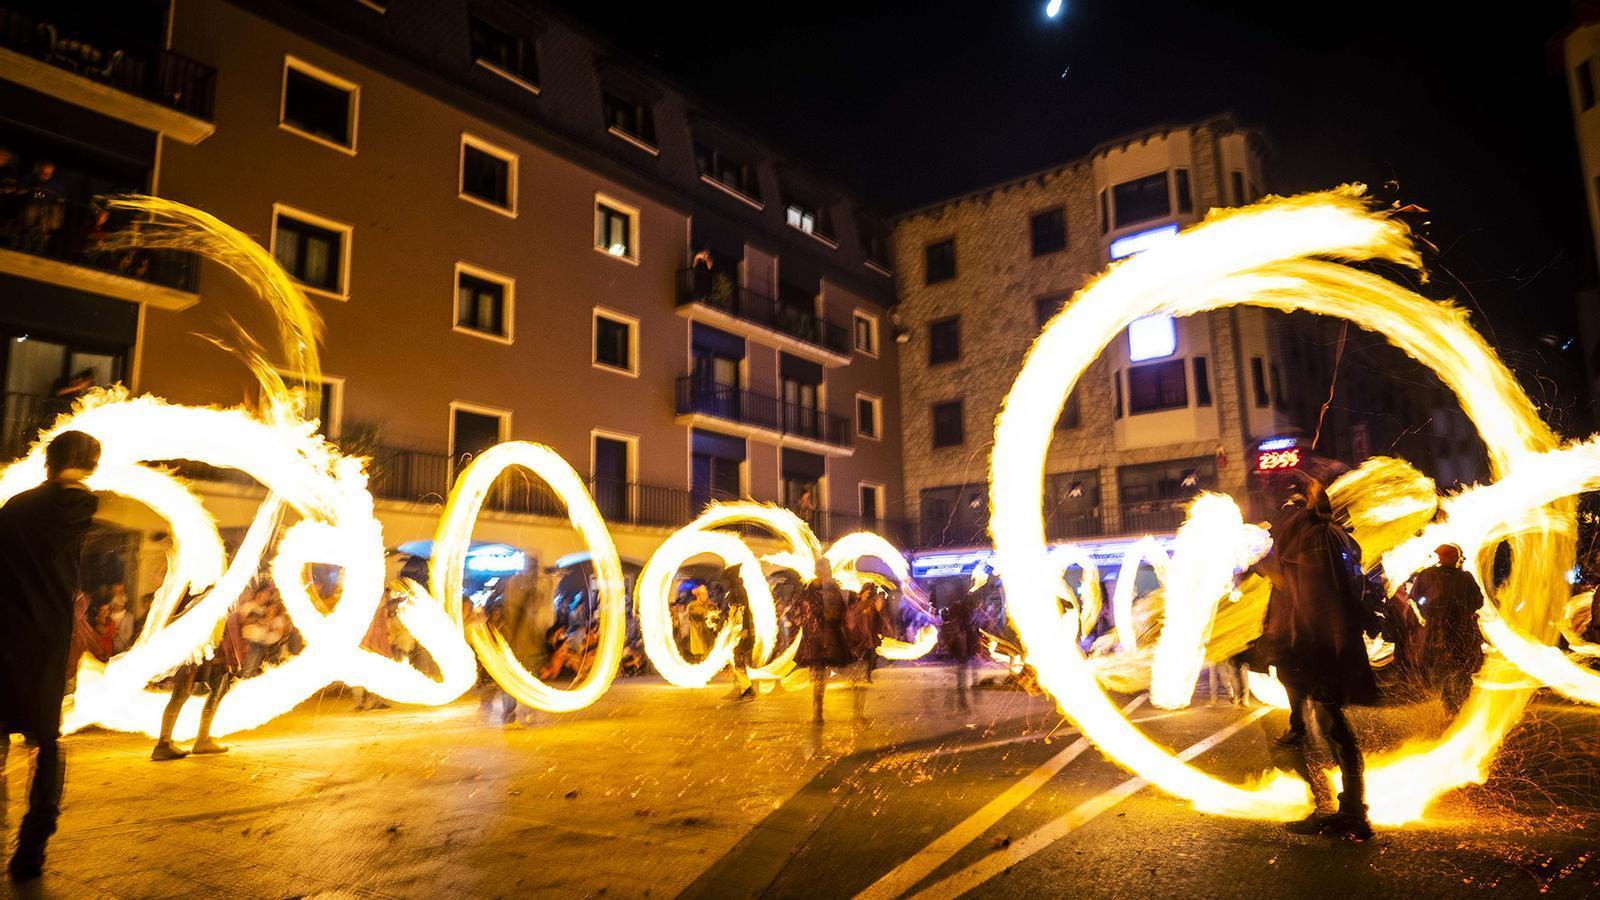 Les falles a la plaça Guillemó d'Andorra la Vella. / COMÚ ANDORRA LA VELLA